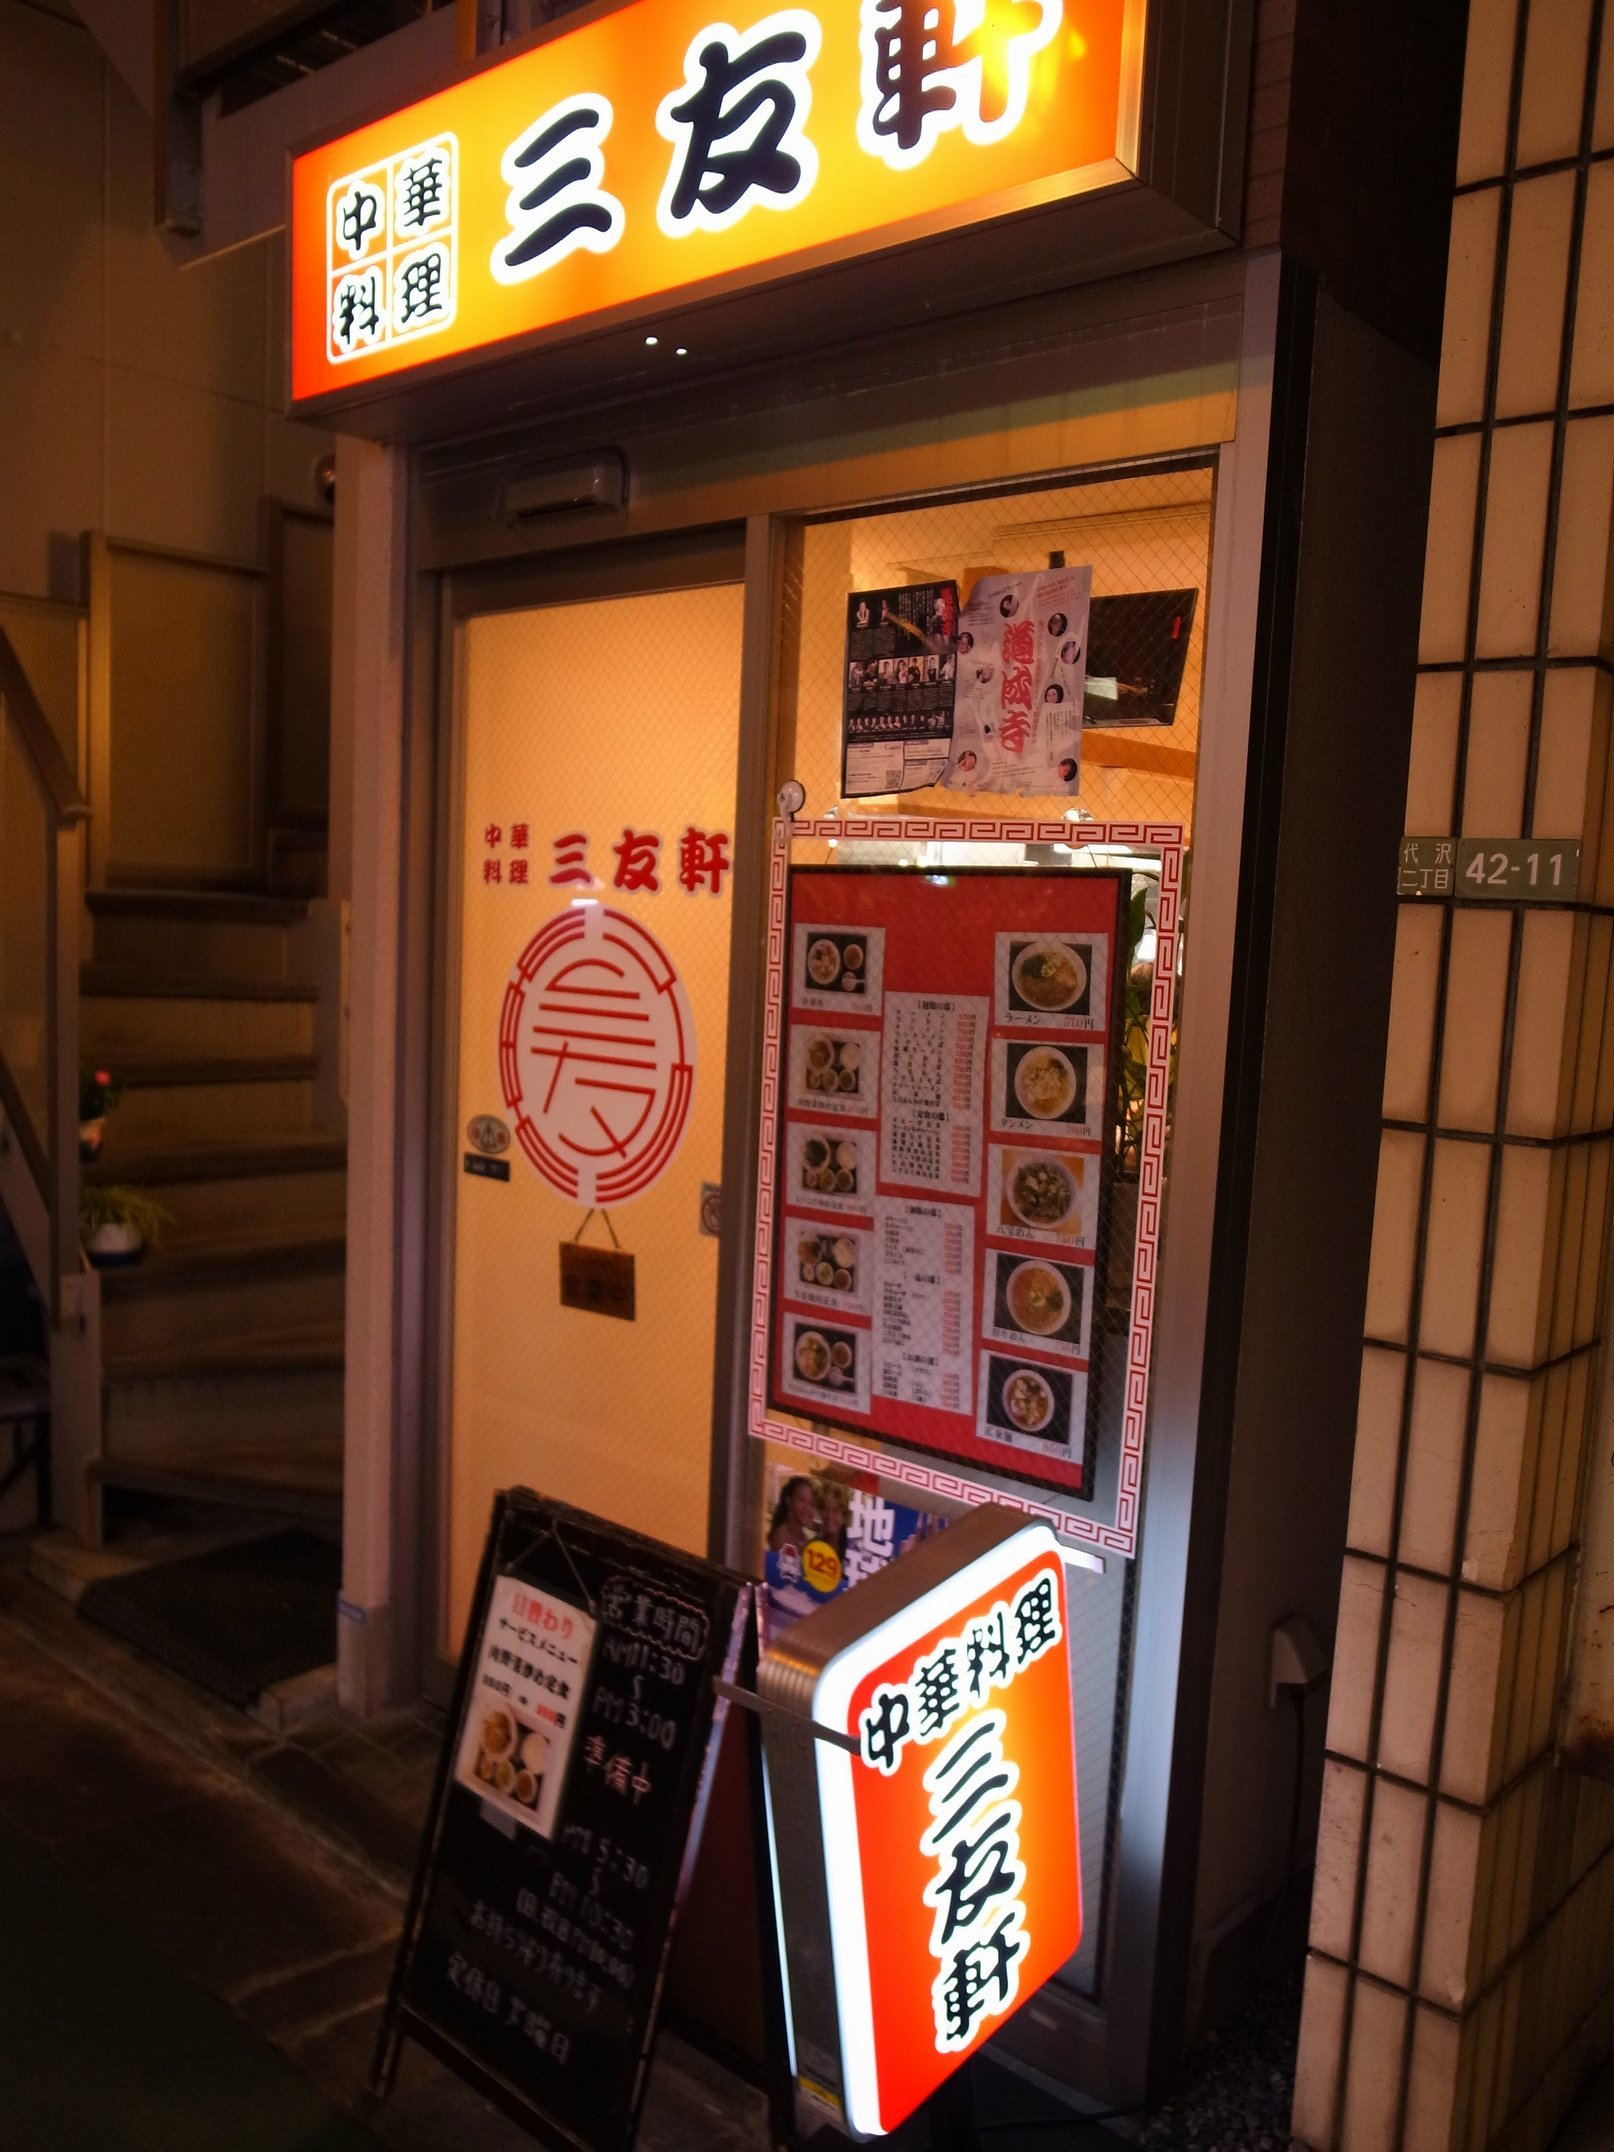 世田谷区にいくつかある中華料理屋 「三友軒」は姉妹店?